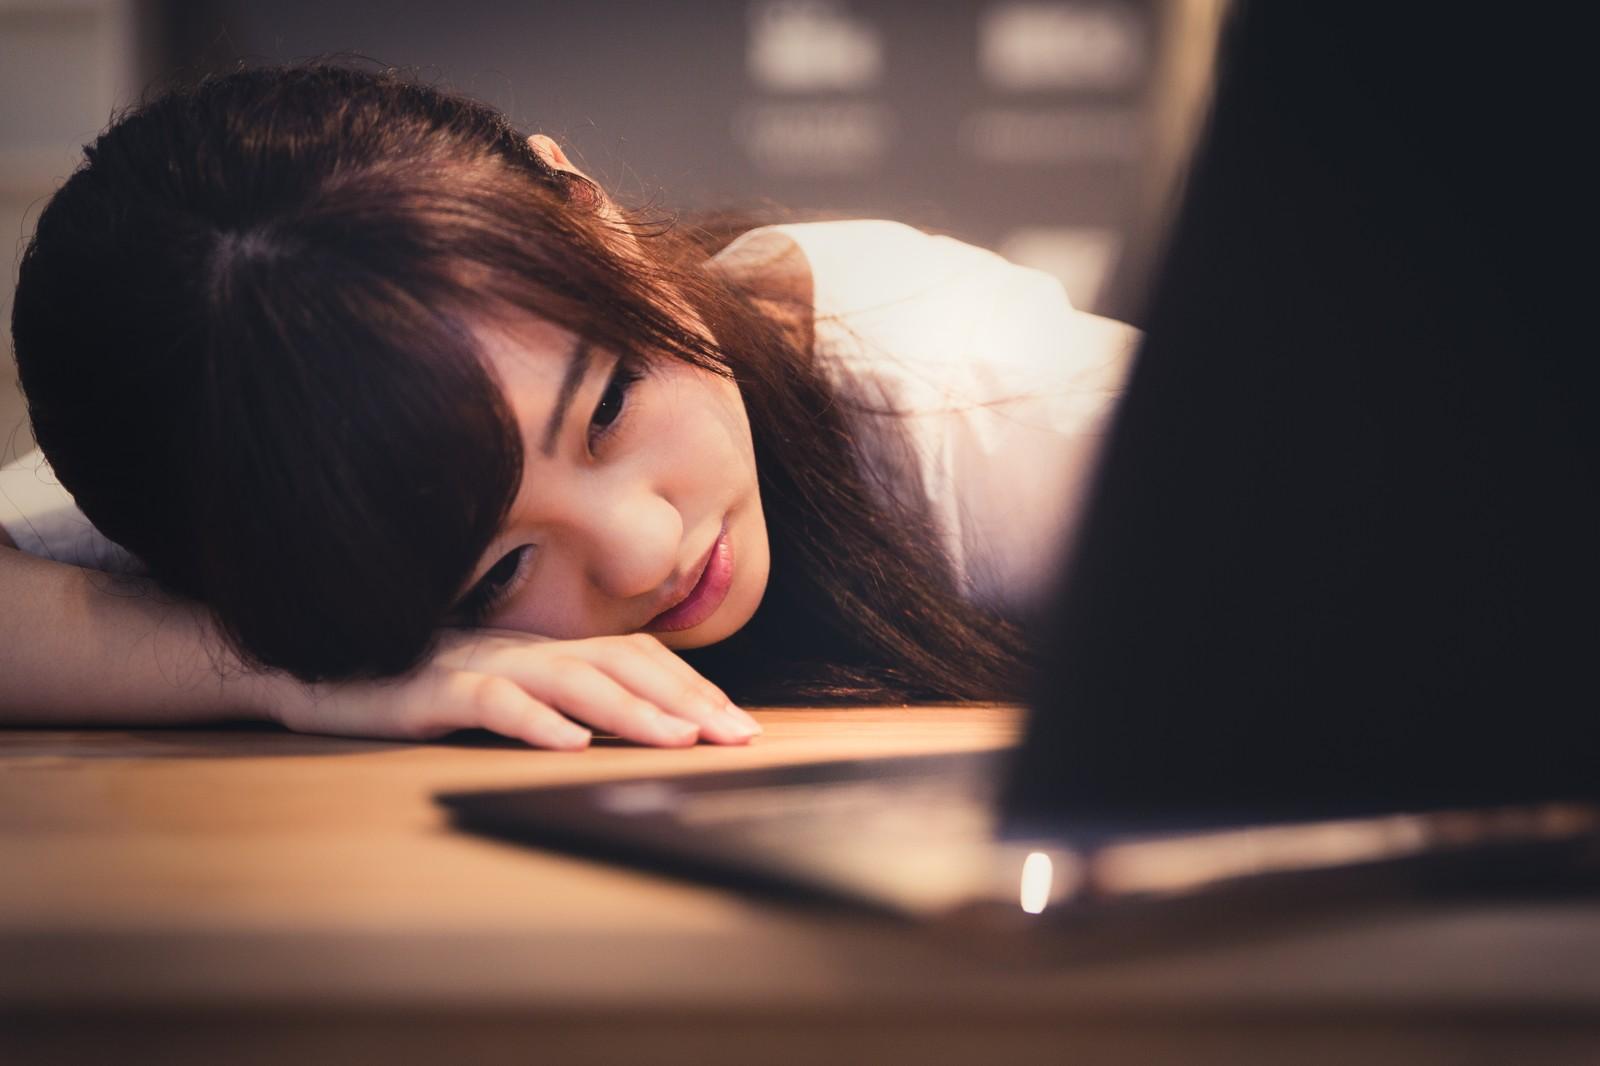 フリーランスになって失敗しそうで挫けそうにパソコンを眺めている女性の画像